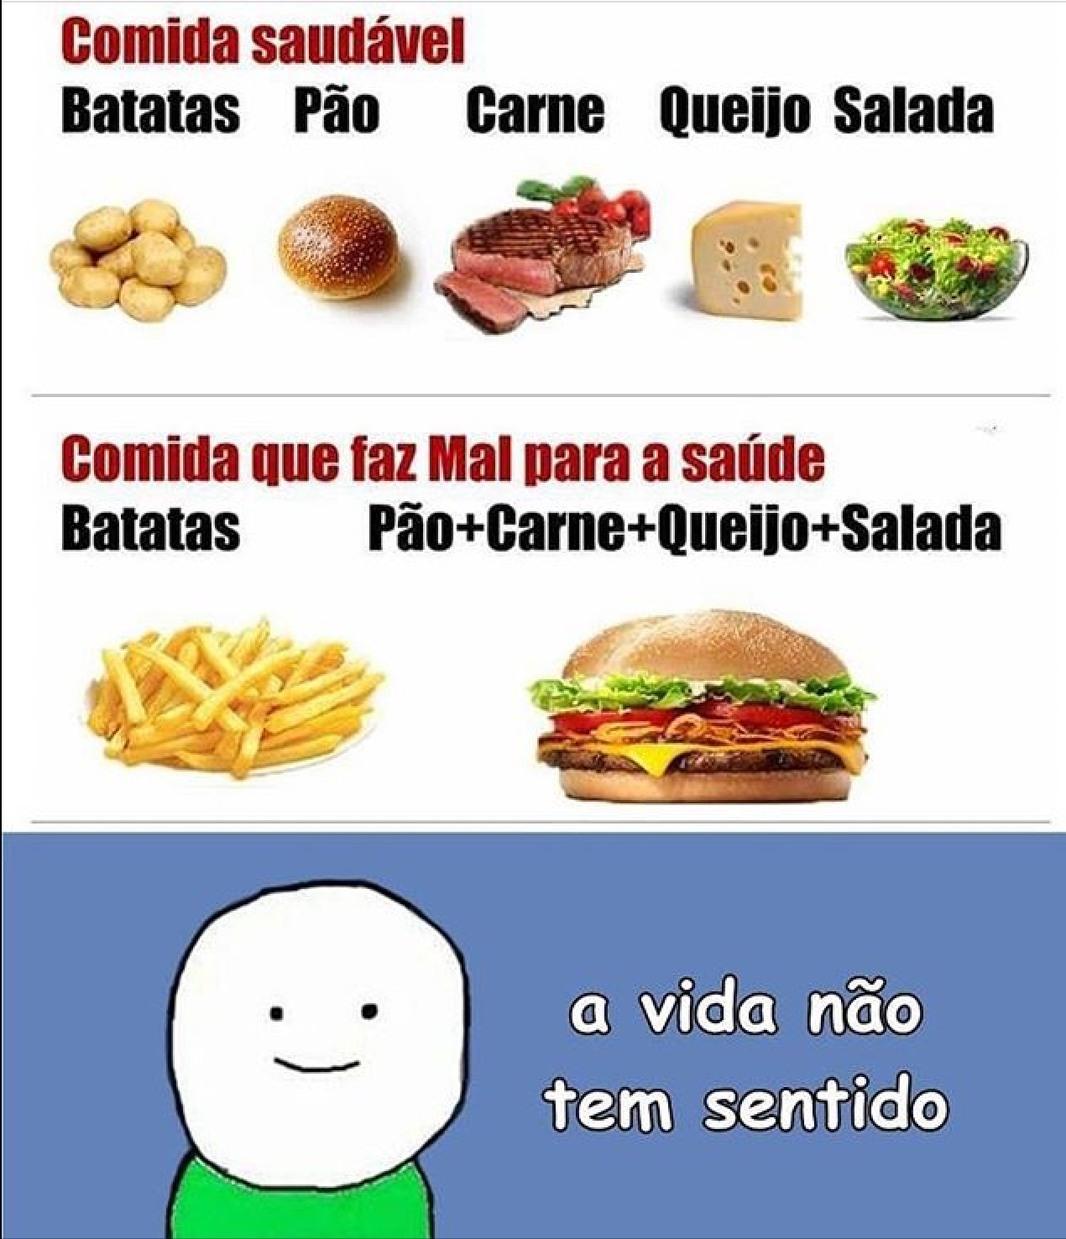 A VIDA NÃO TEM SENTIDO! - meme